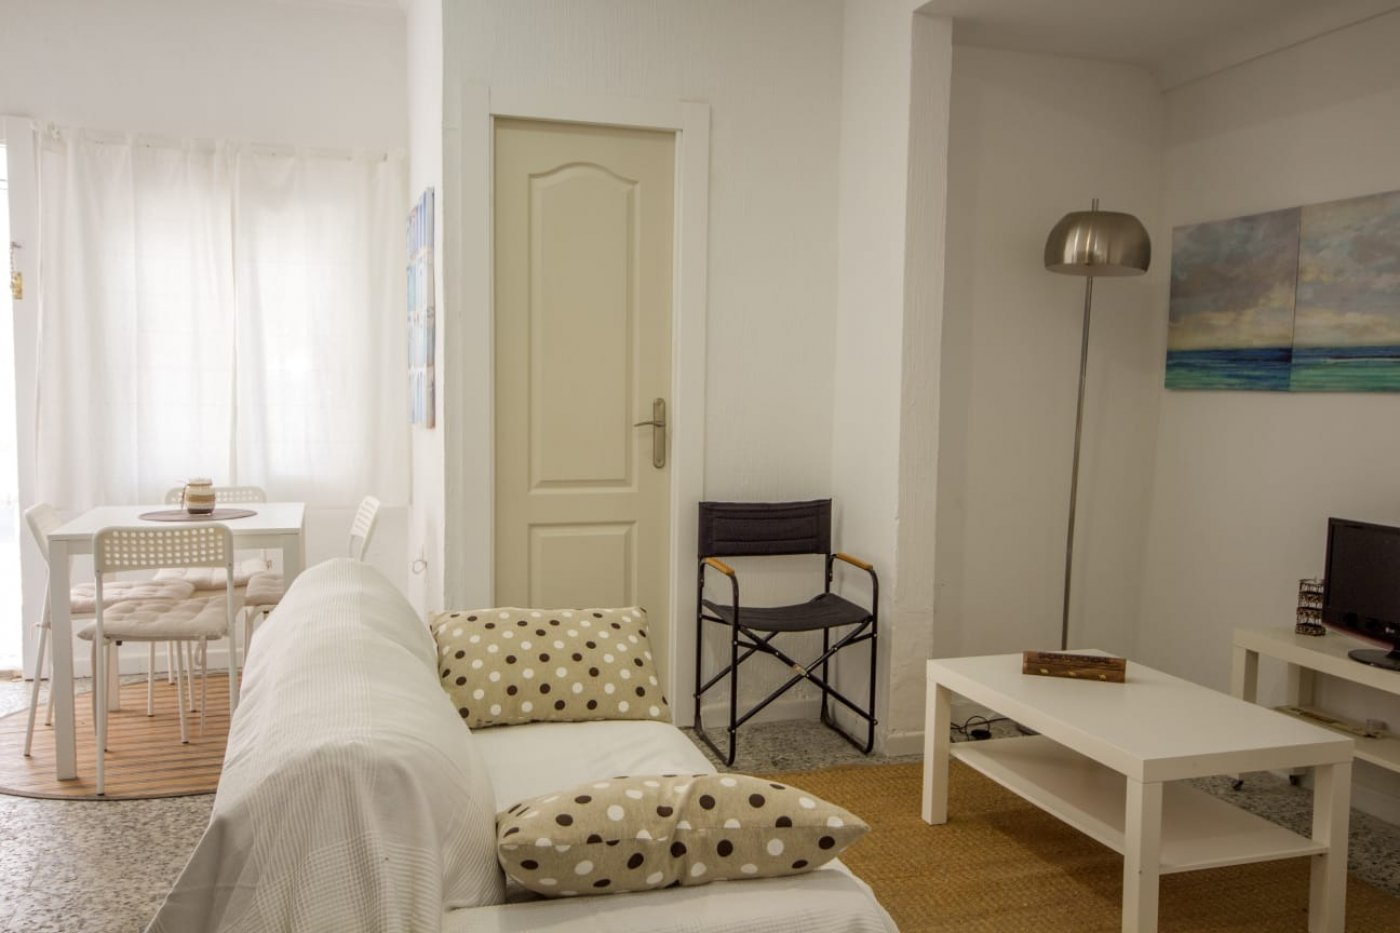 Apartamento en alquiler en Playa del cura, Torrevieja